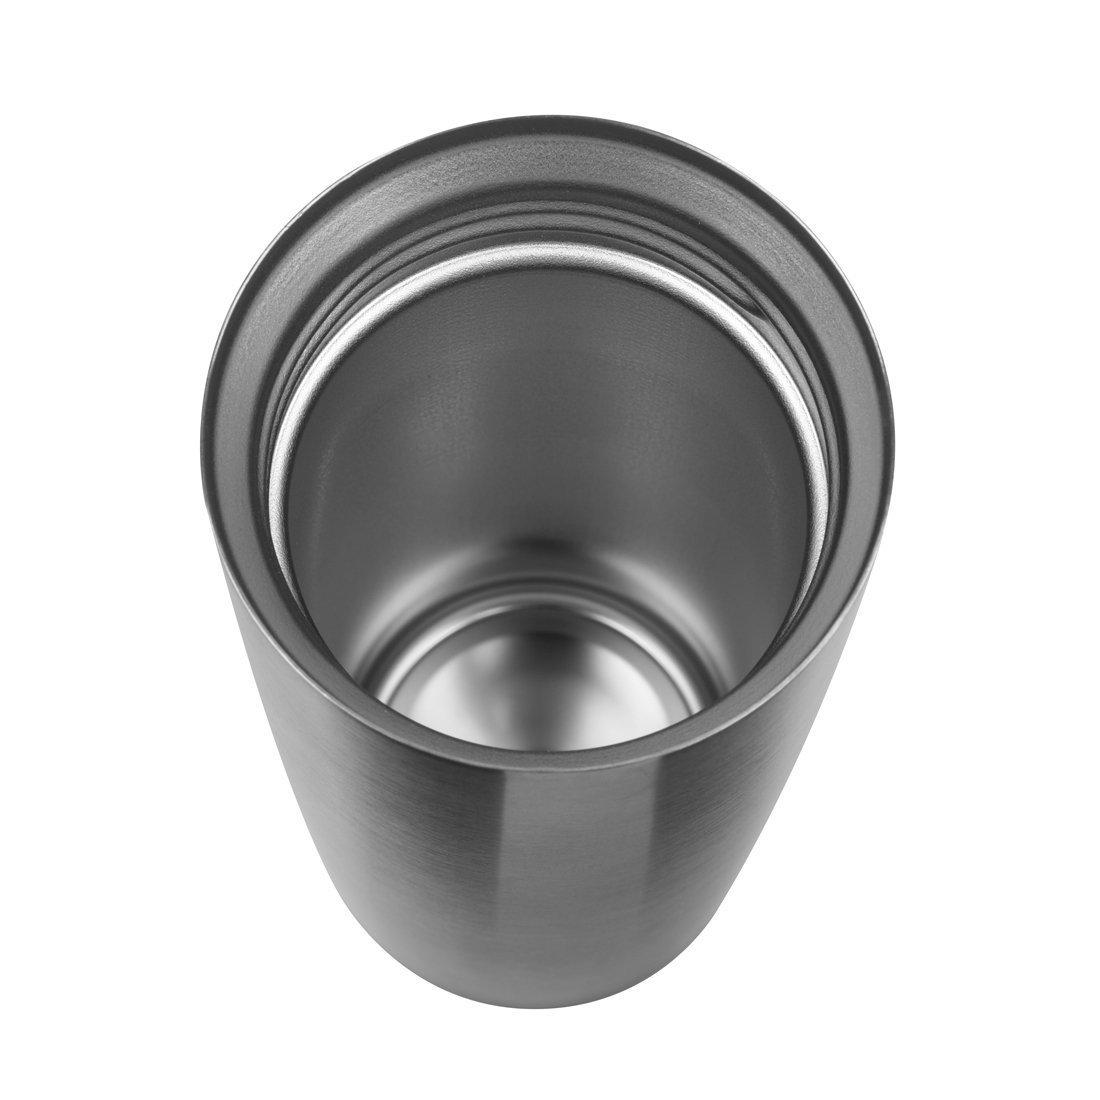 Ανοξείδωτη κούπα-θερμός Tefal Travel Mug 360ml